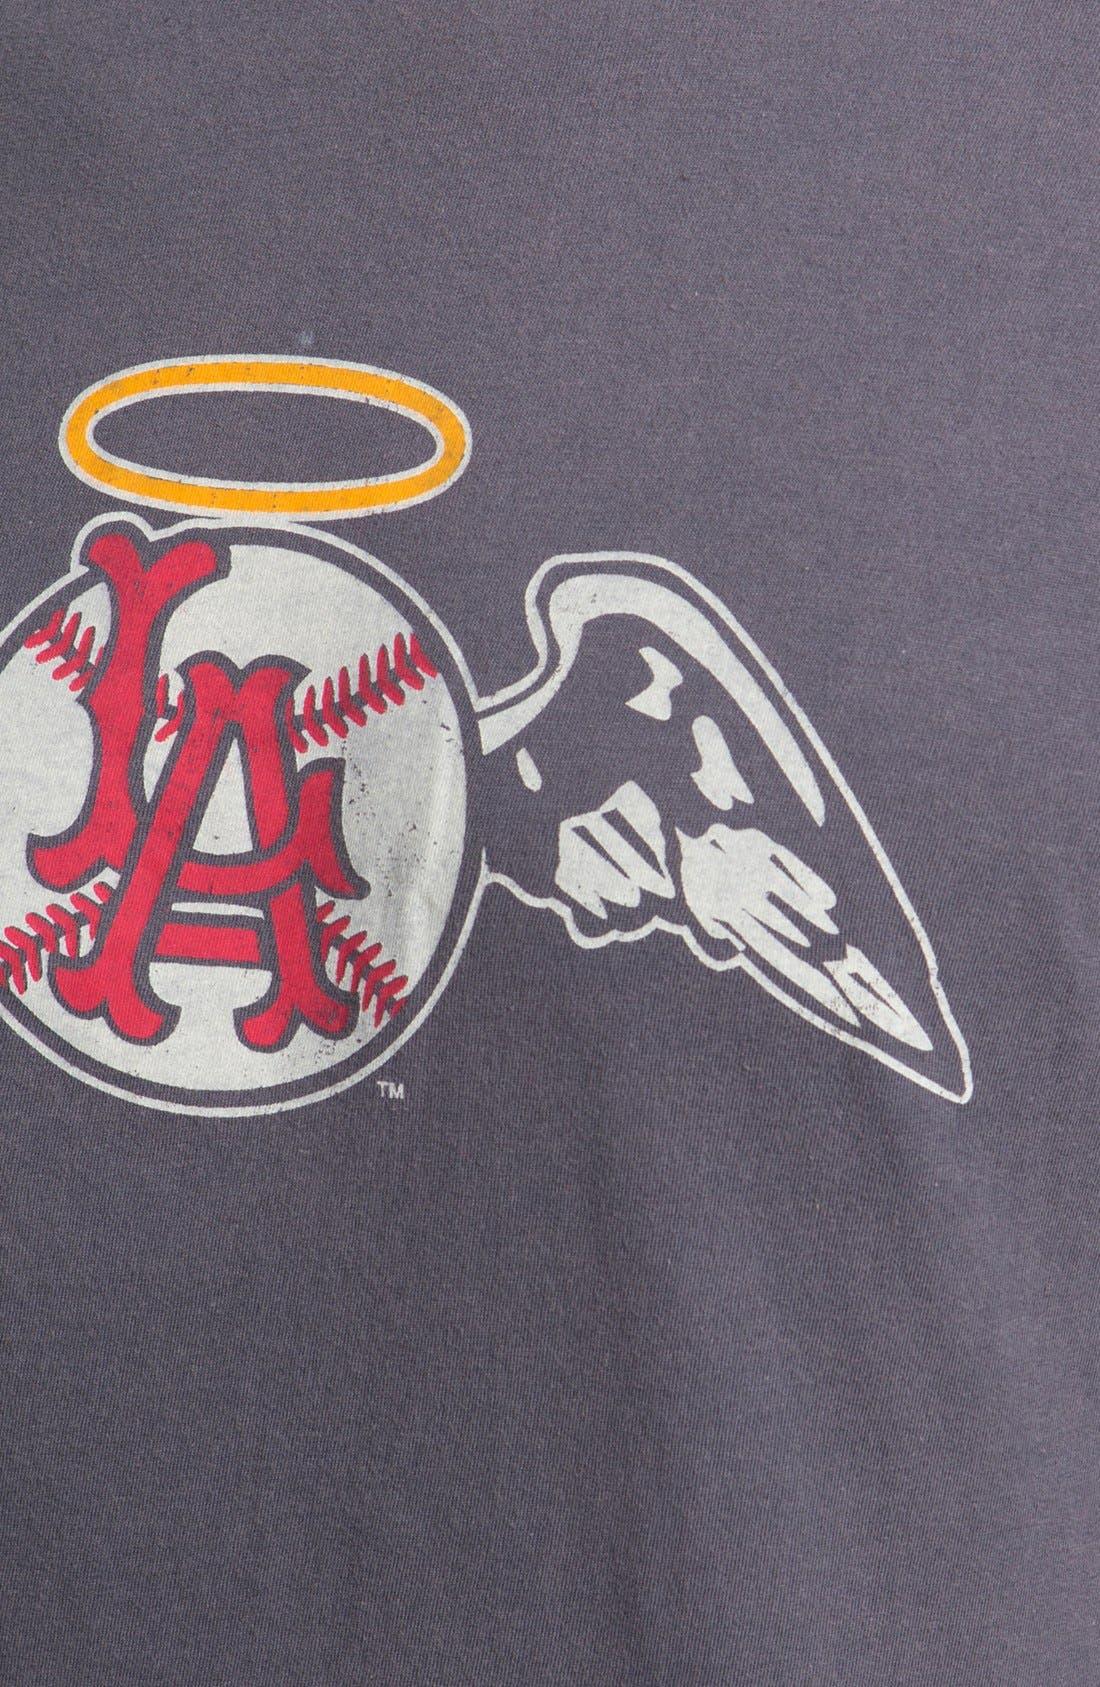 'Los Angeles Angels' Trim Fit T-Shirt,                             Alternate thumbnail 3, color,                             455